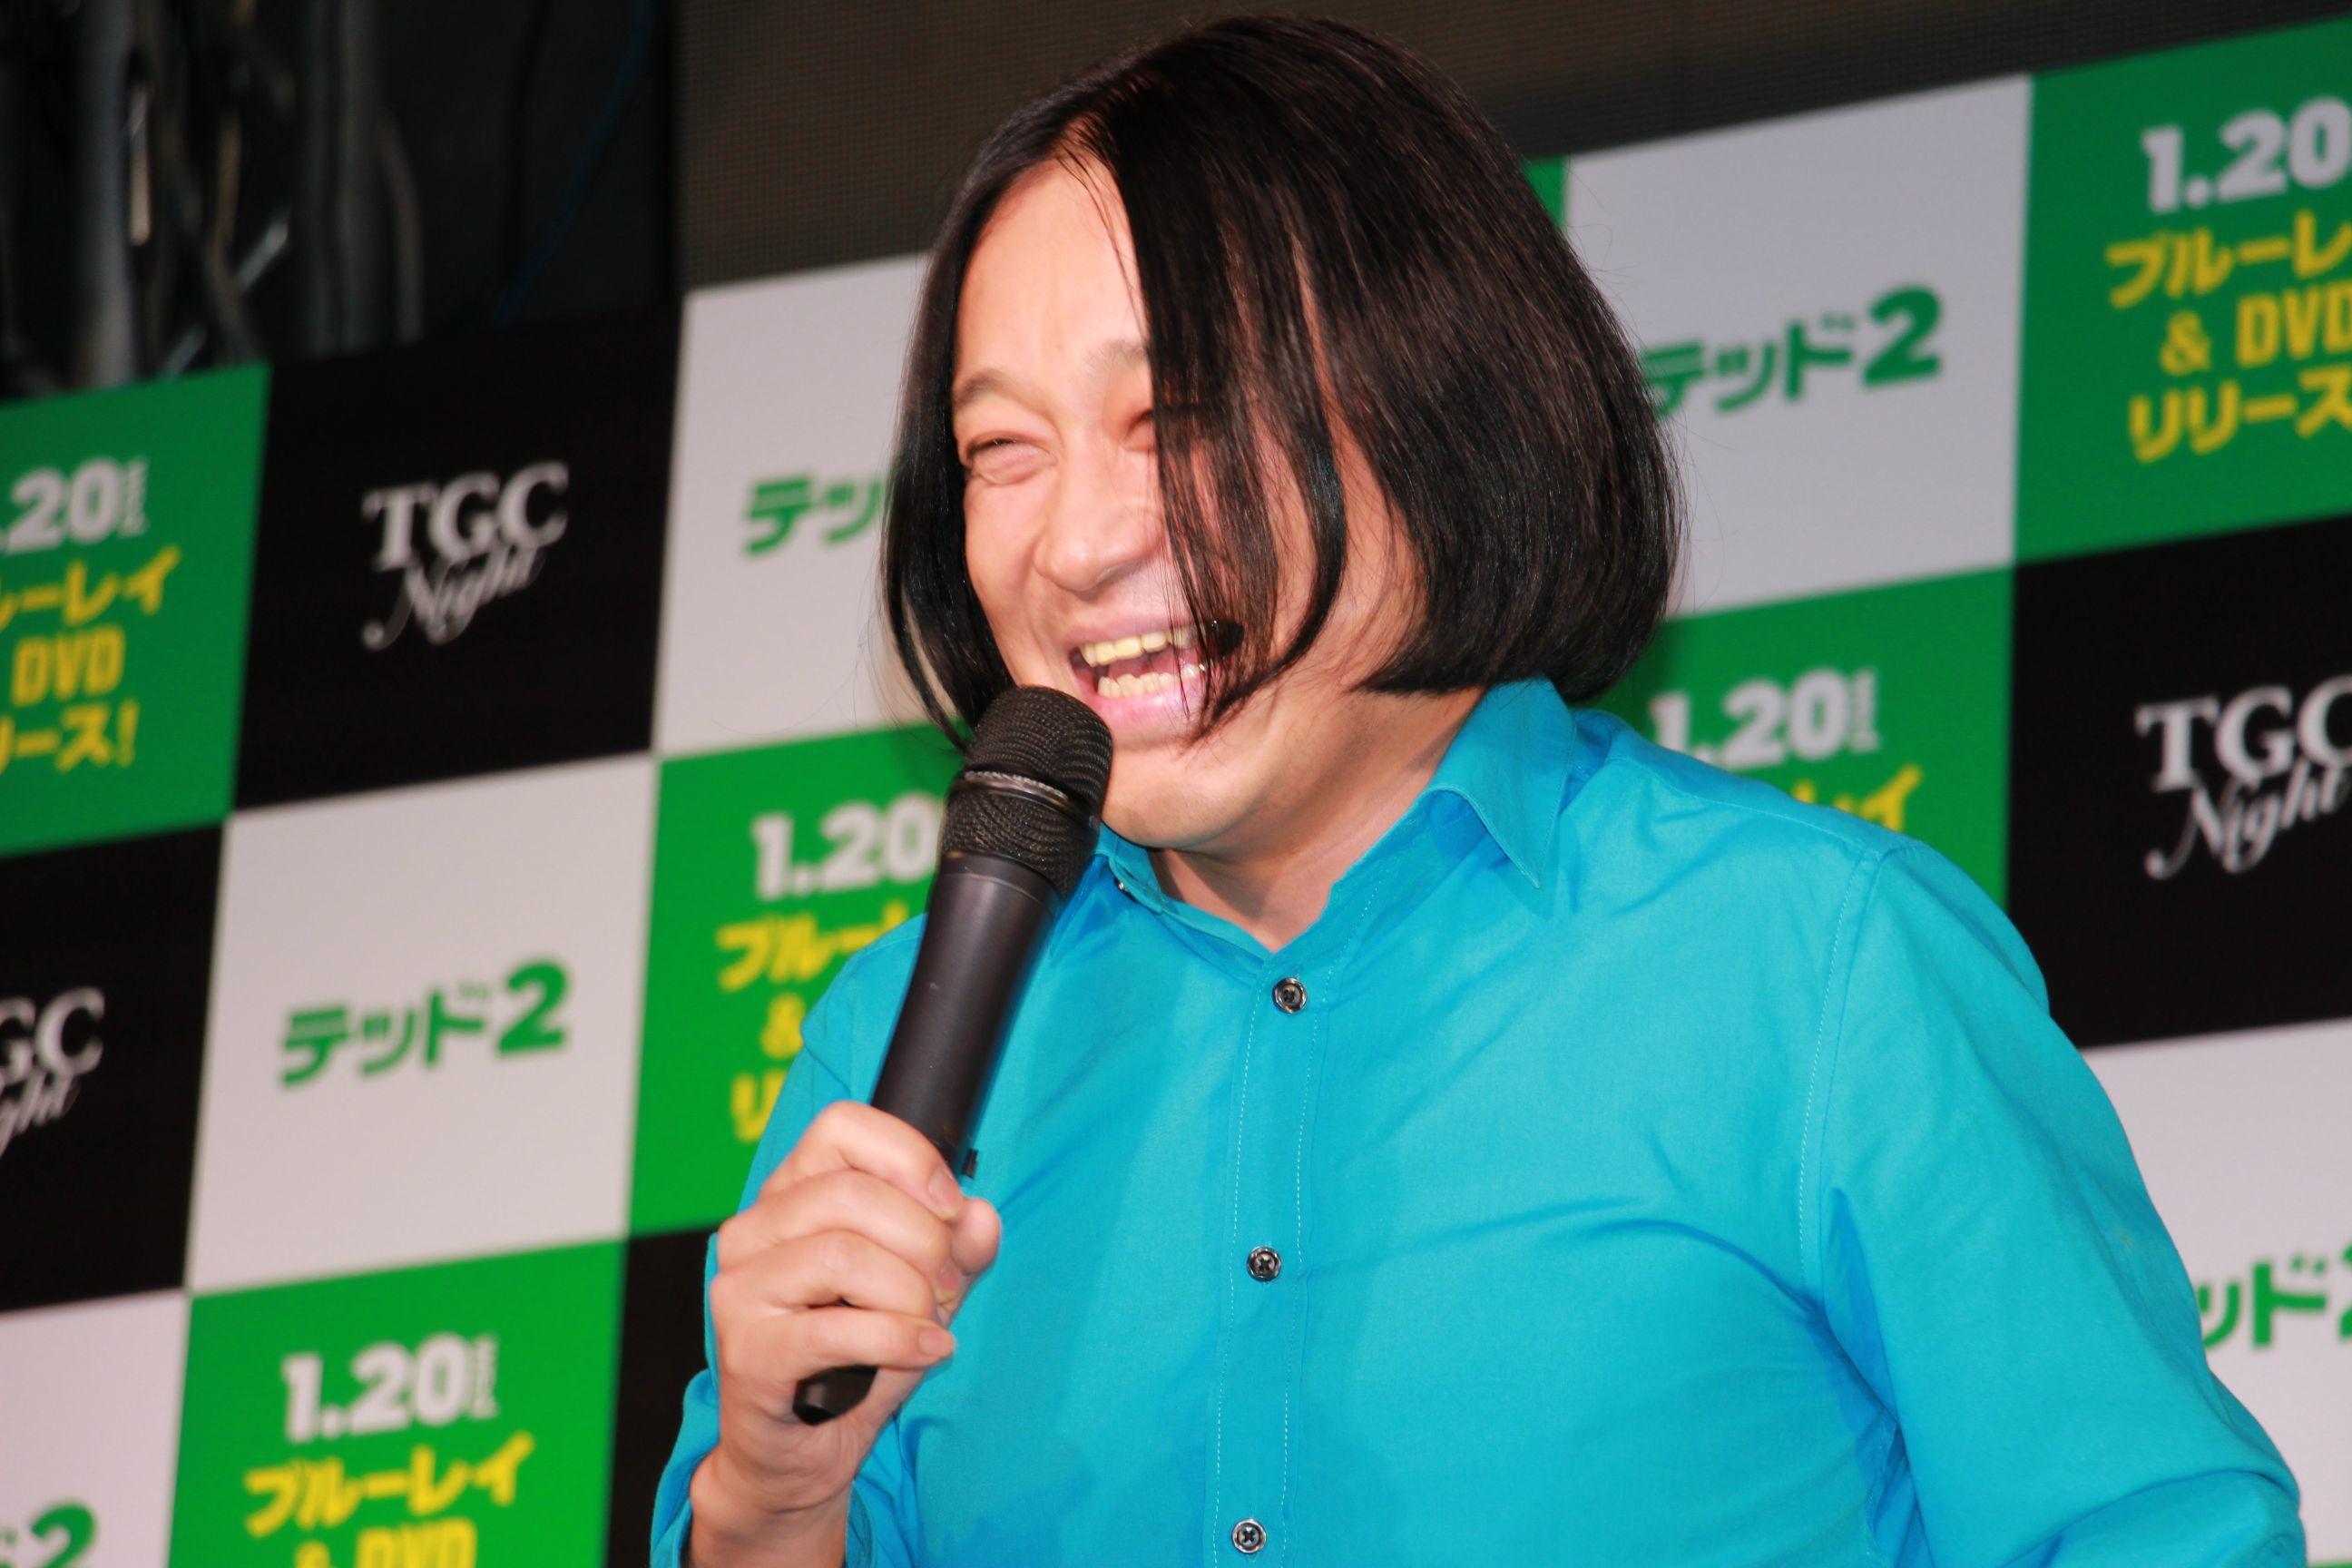 永野 (お笑い芸人)の画像 p1_35